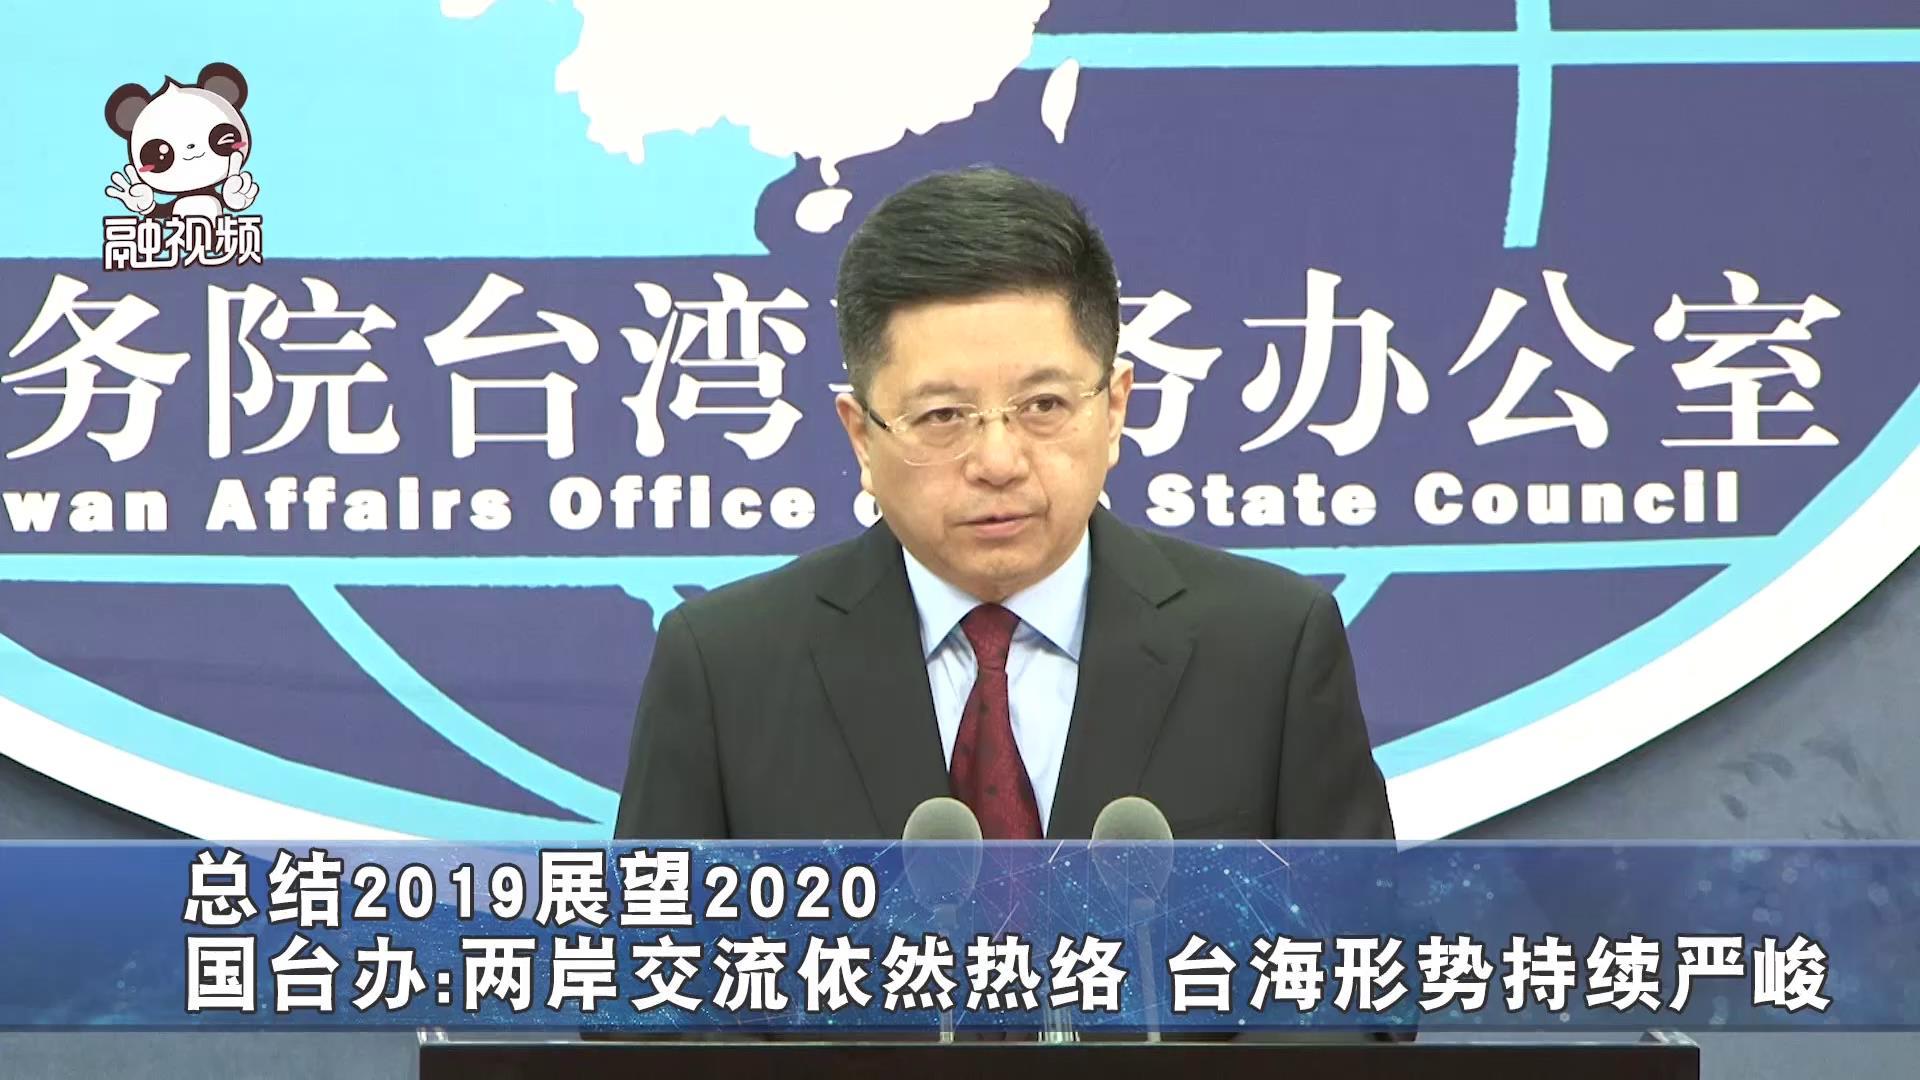 国台办1月15日举行新闻发布会图片